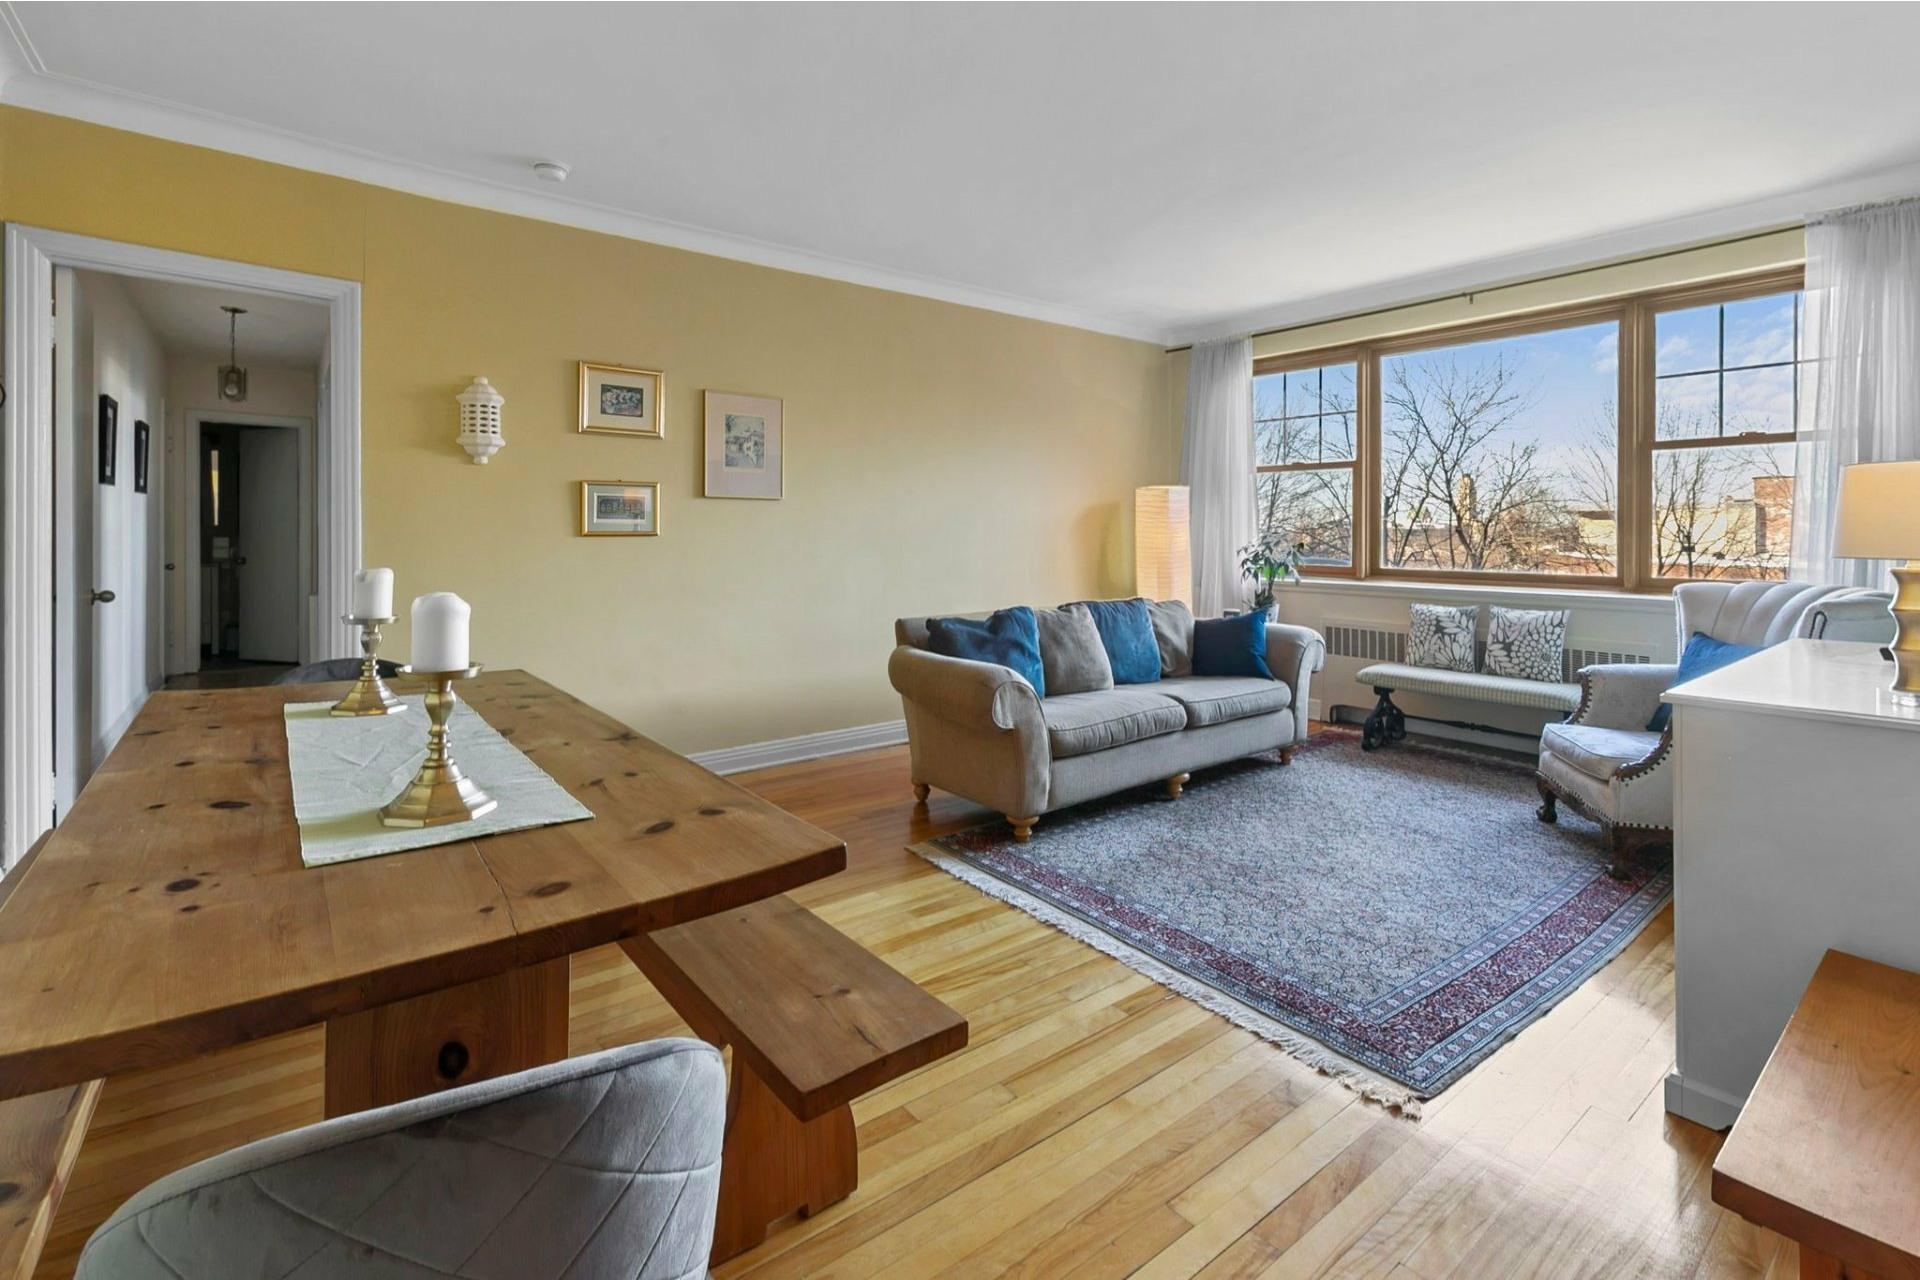 image 4 - Appartement À vendre Côte-des-Neiges/Notre-Dame-de-Grâce Montréal  - 7 pièces